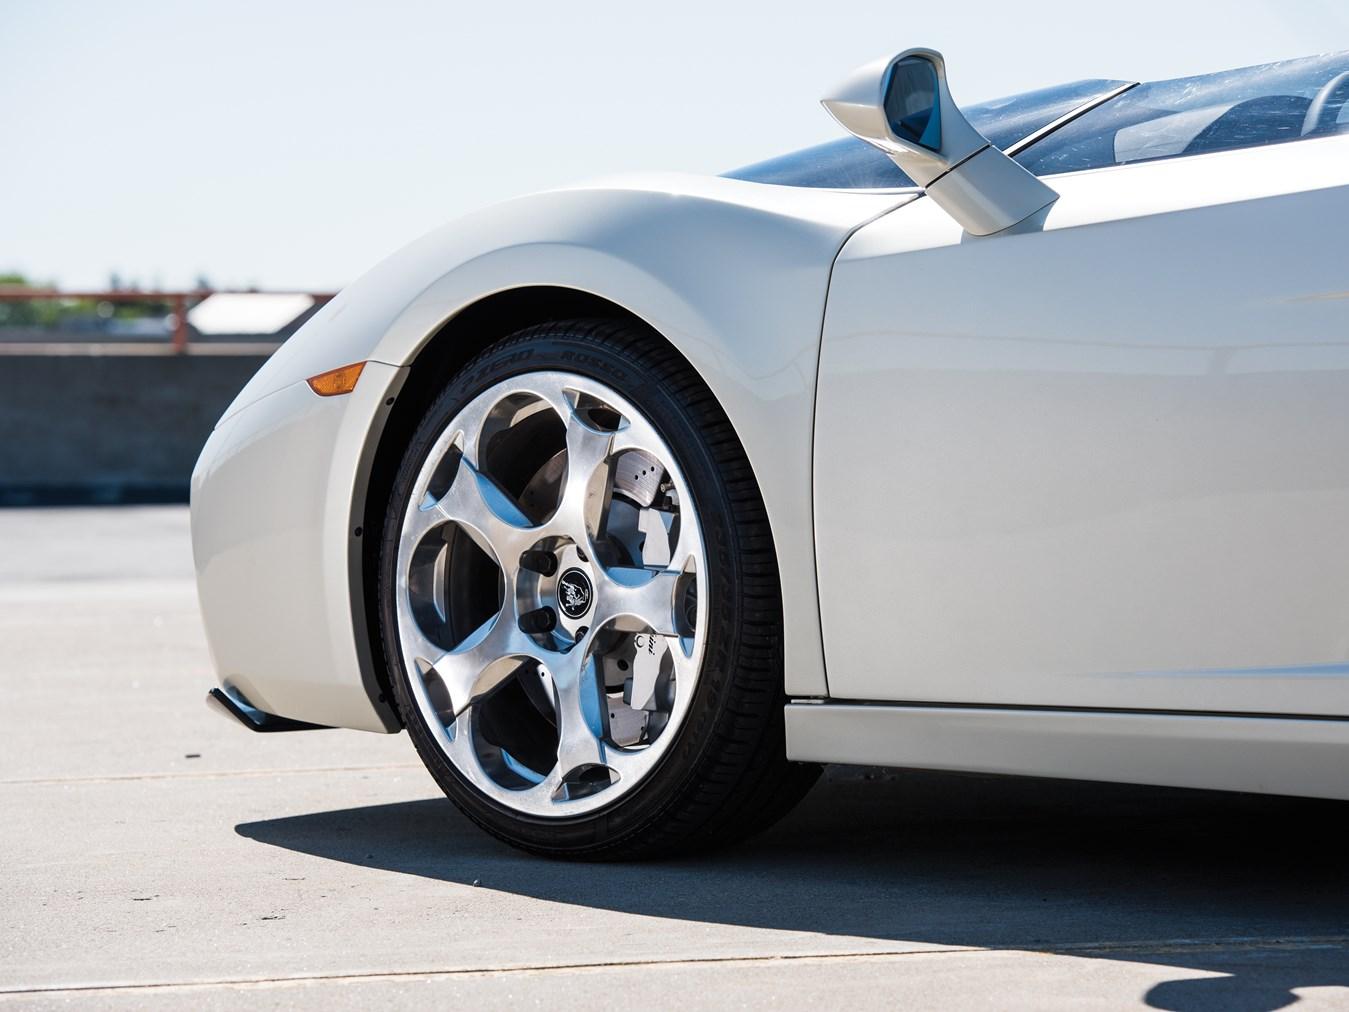 2006 Lamborghini Concept S